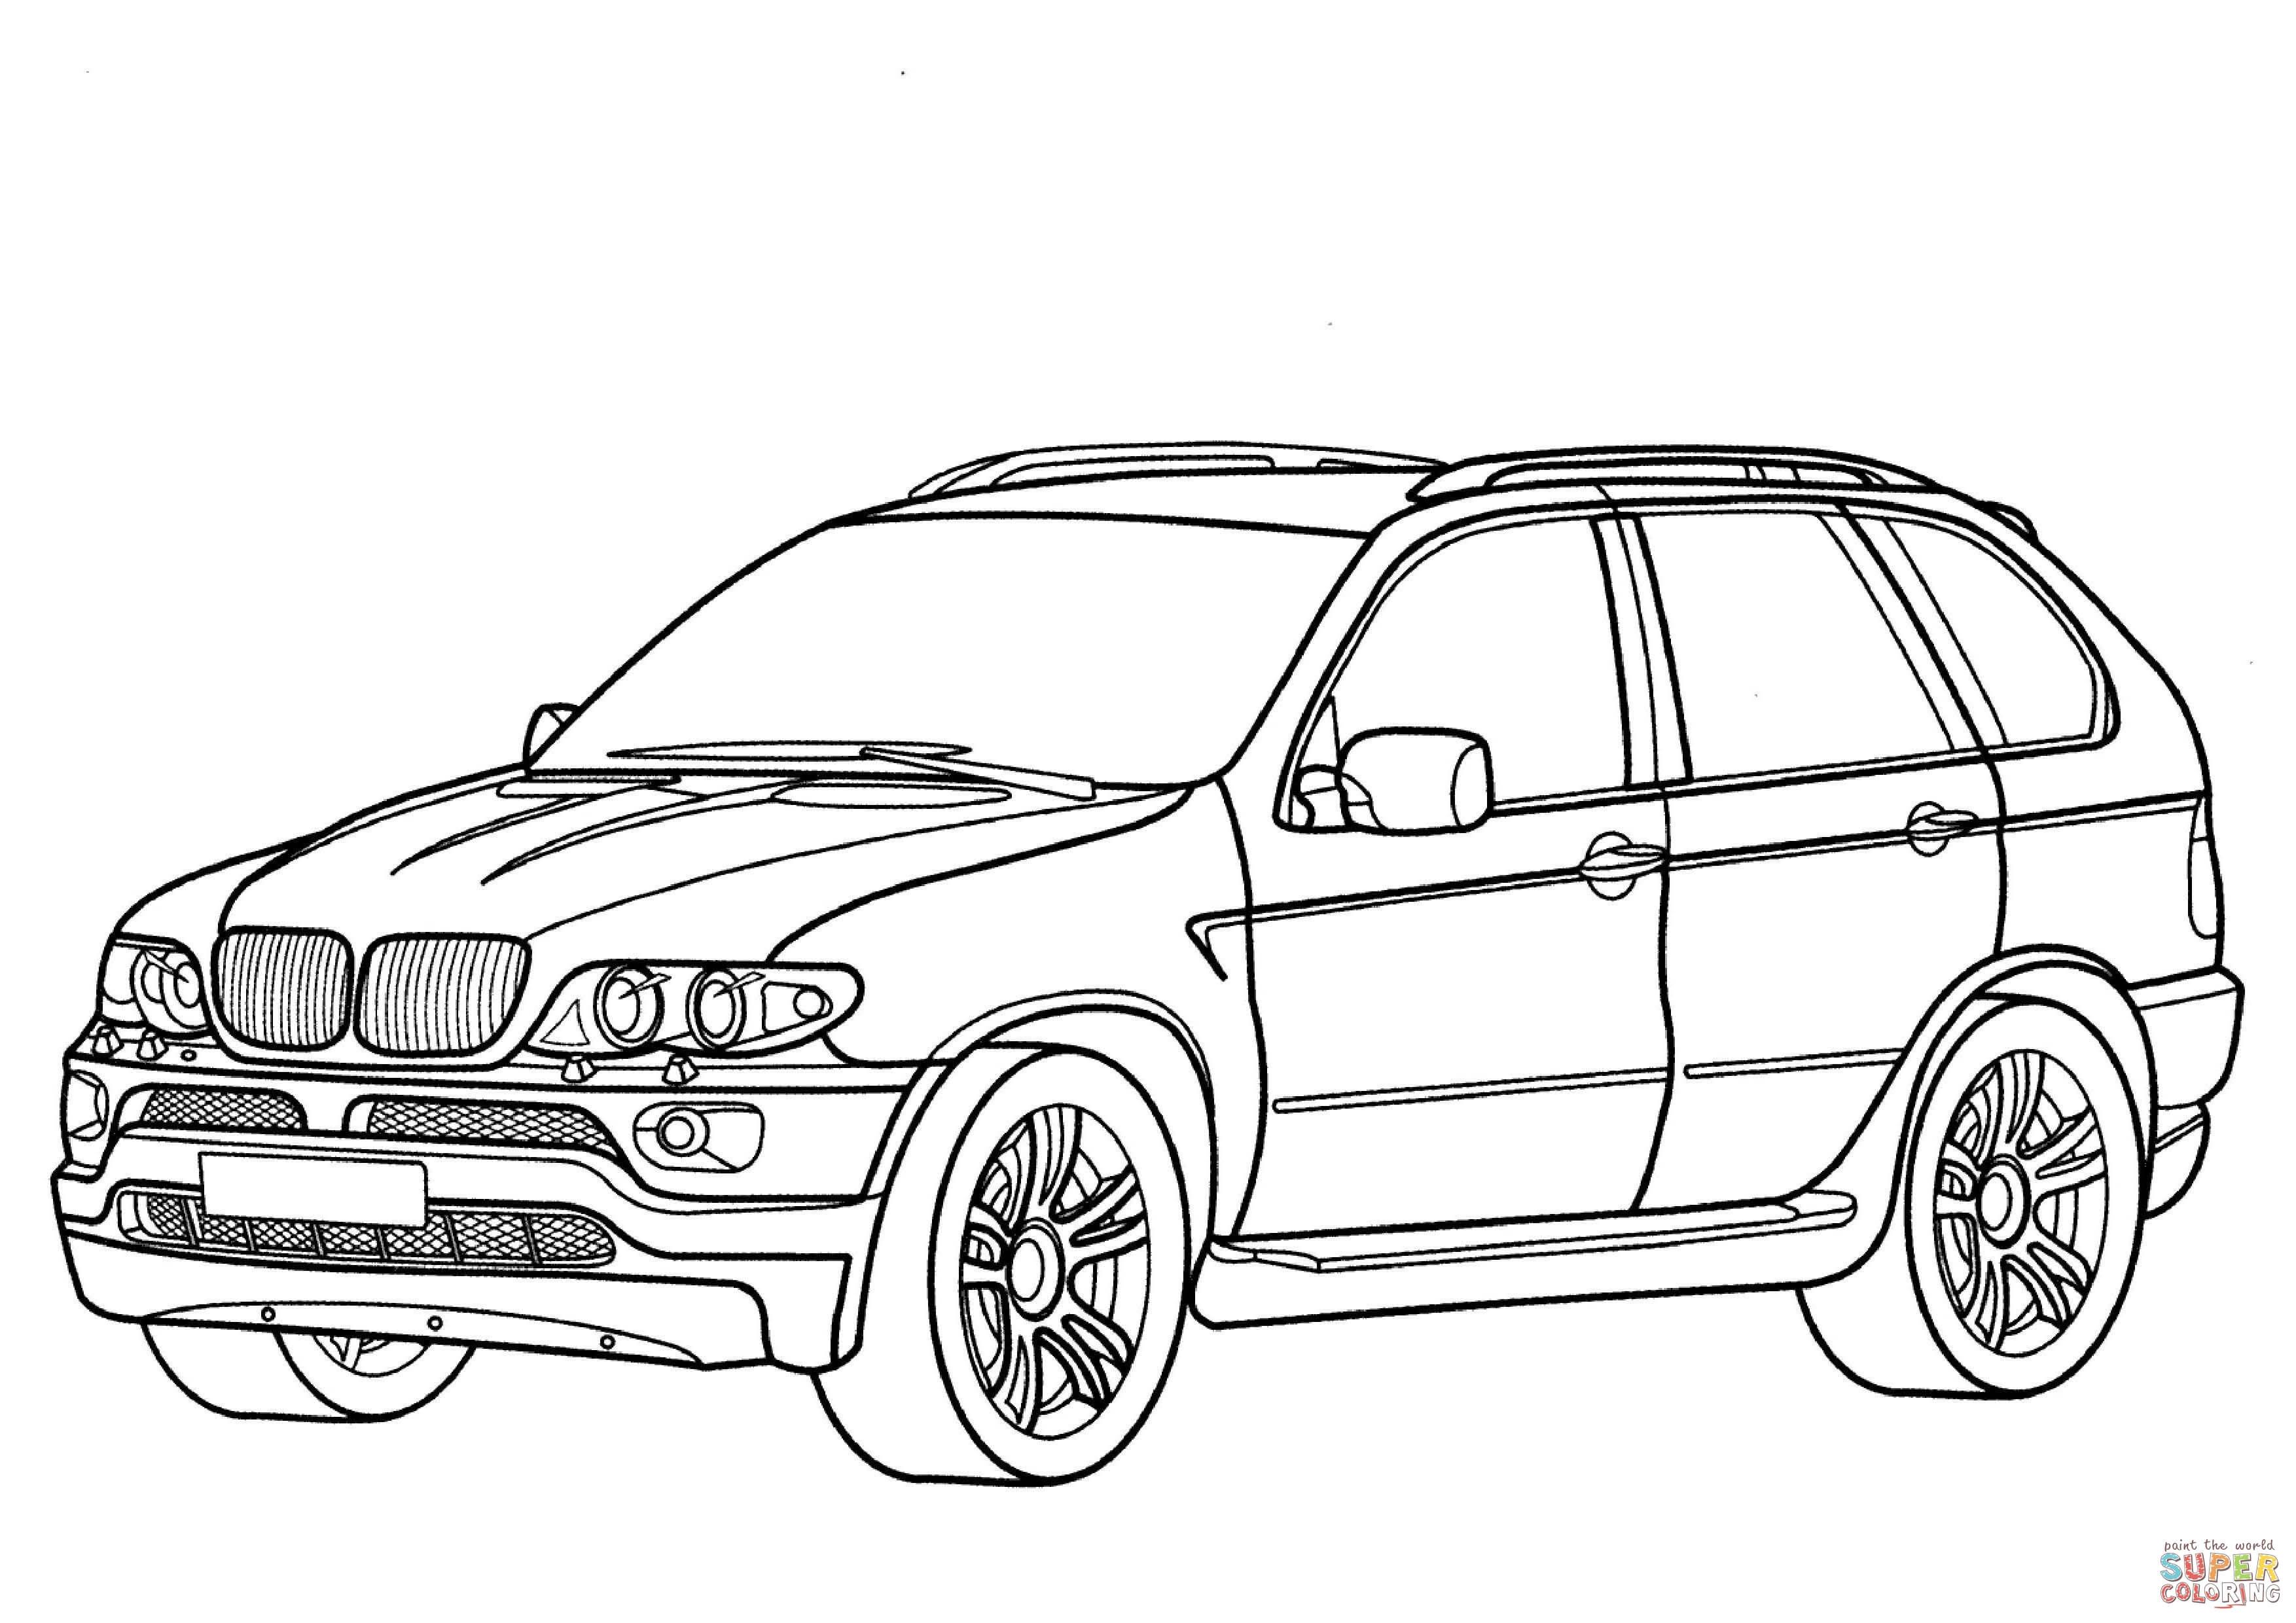 2003 bmw m5 Motordiagramm